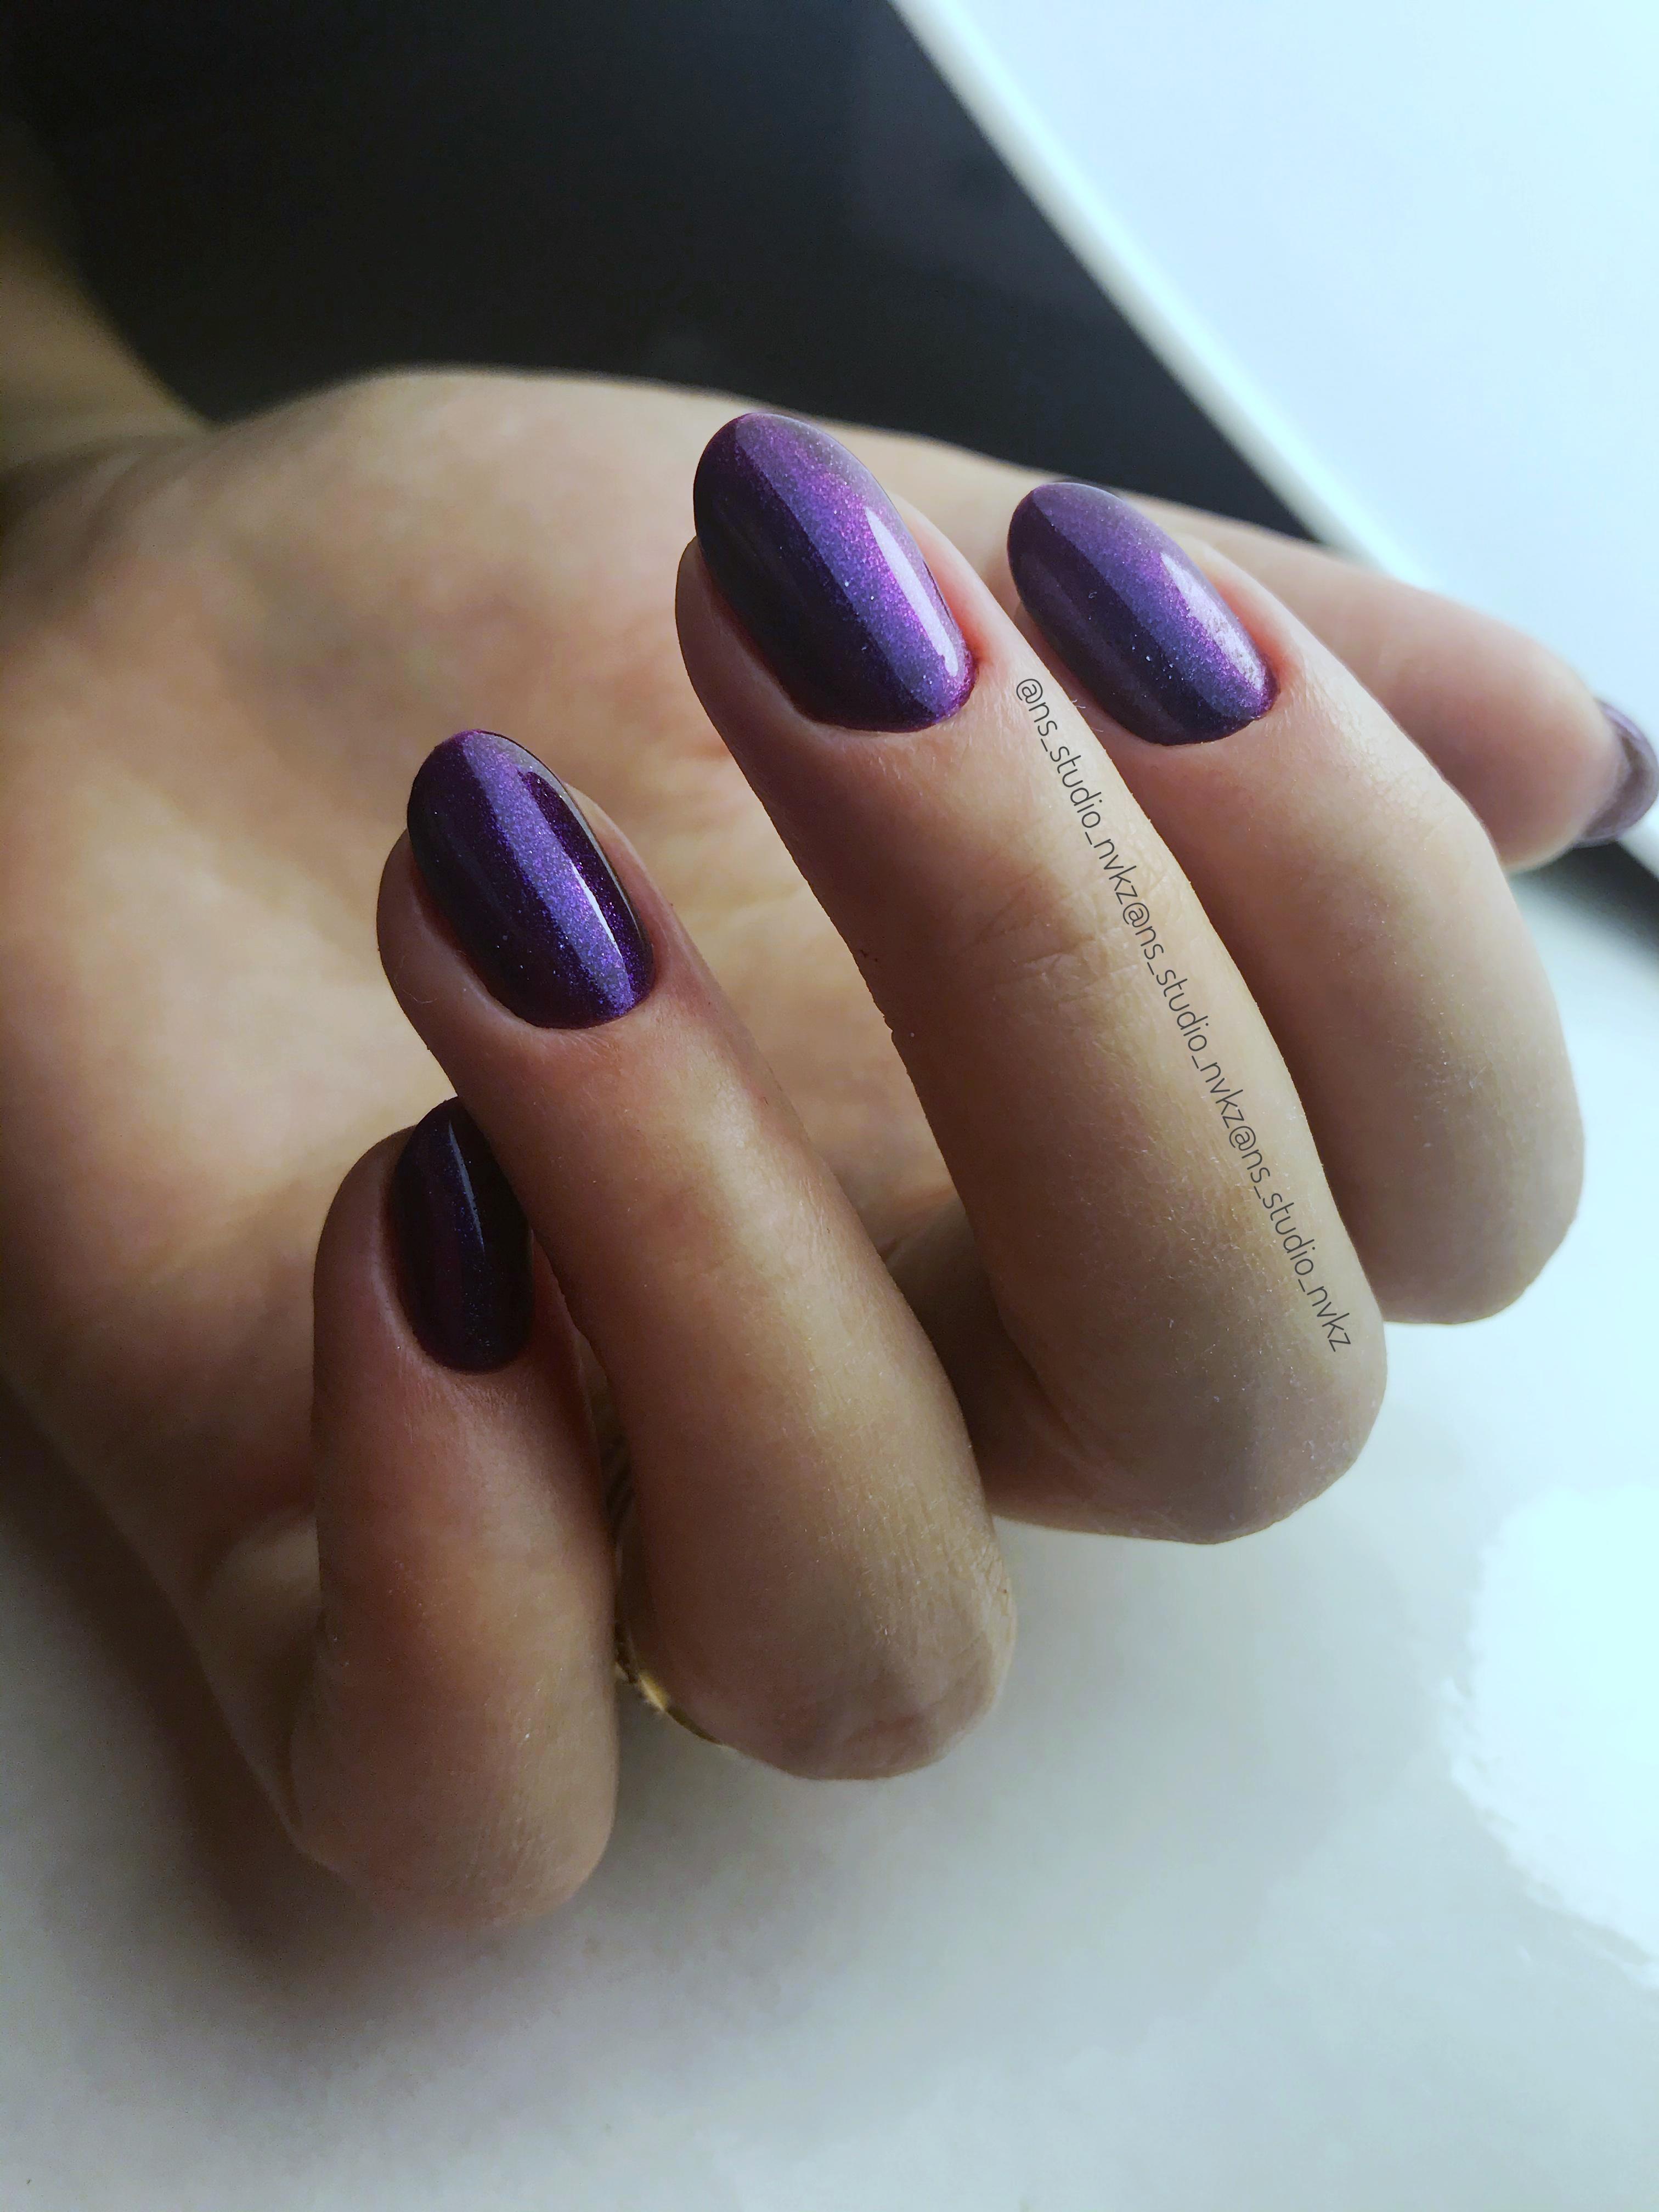 Однотонный маникюр на короткие ногти в фиолетовом цвете.